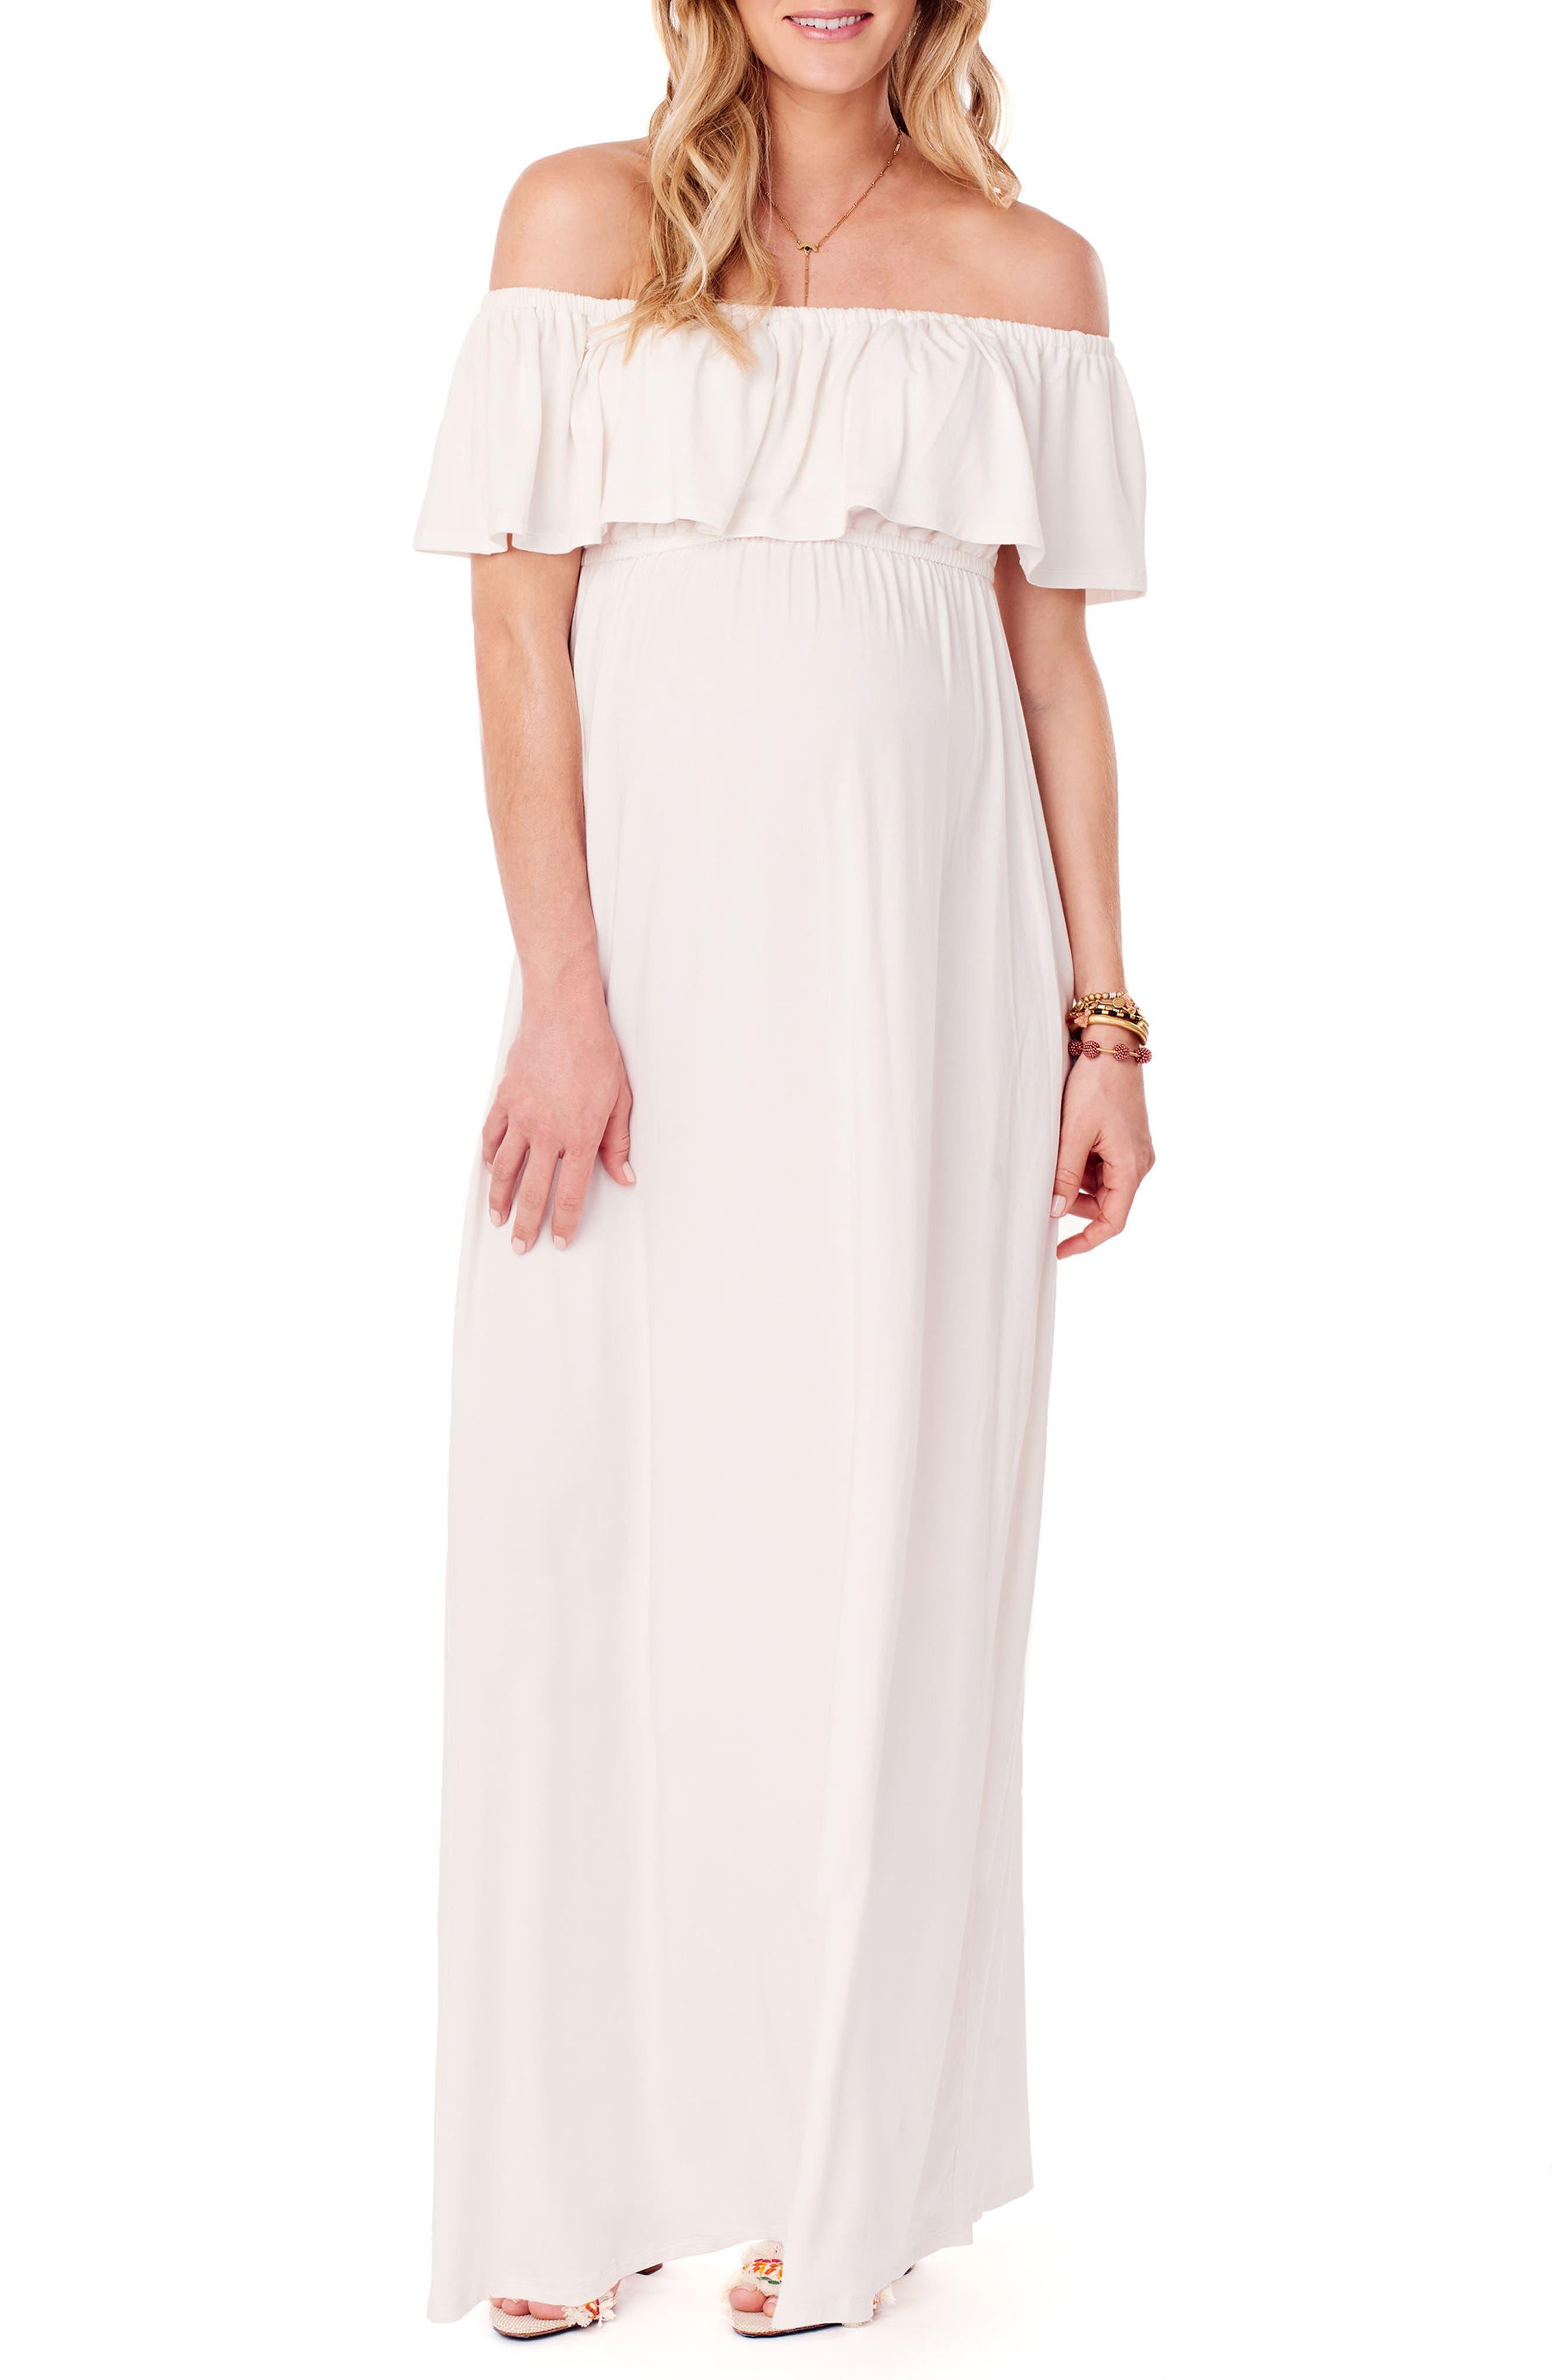 Alternate Image 1 Selected - Ingrid & Isabel® Off the Shoulder Maternity Maxi Dress